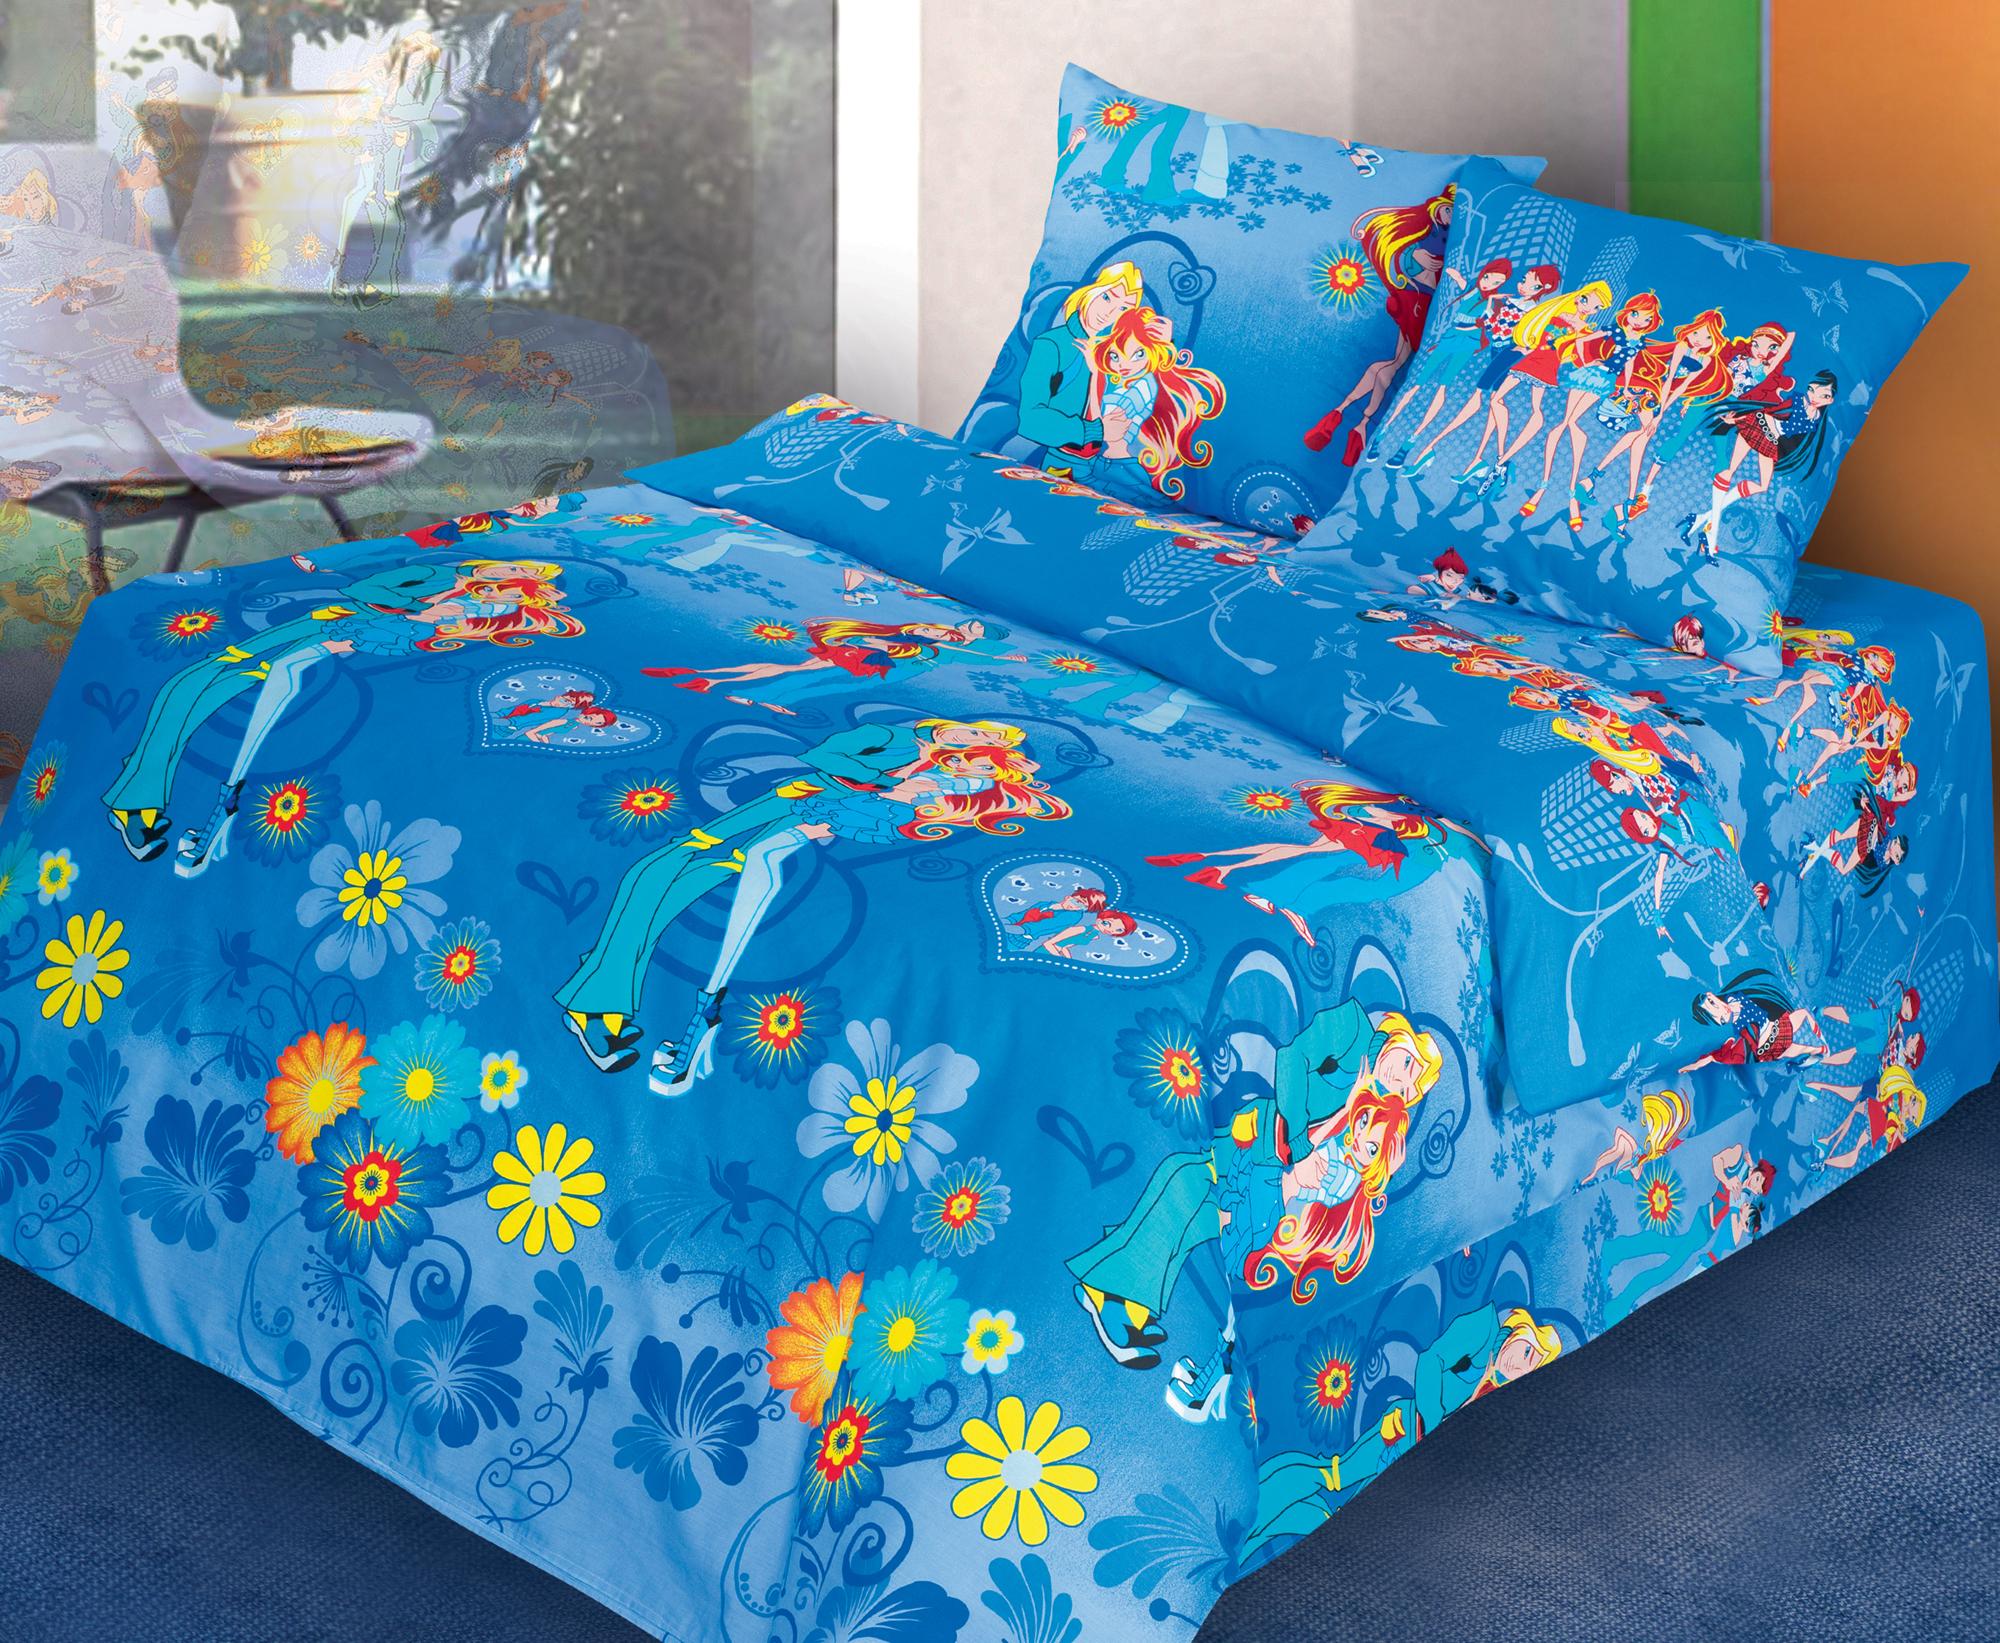 Обнимашки - комплект детского постельного белья из поплинаПоплин<br><br><br>Размер: 2 спальный, нав. 70х70